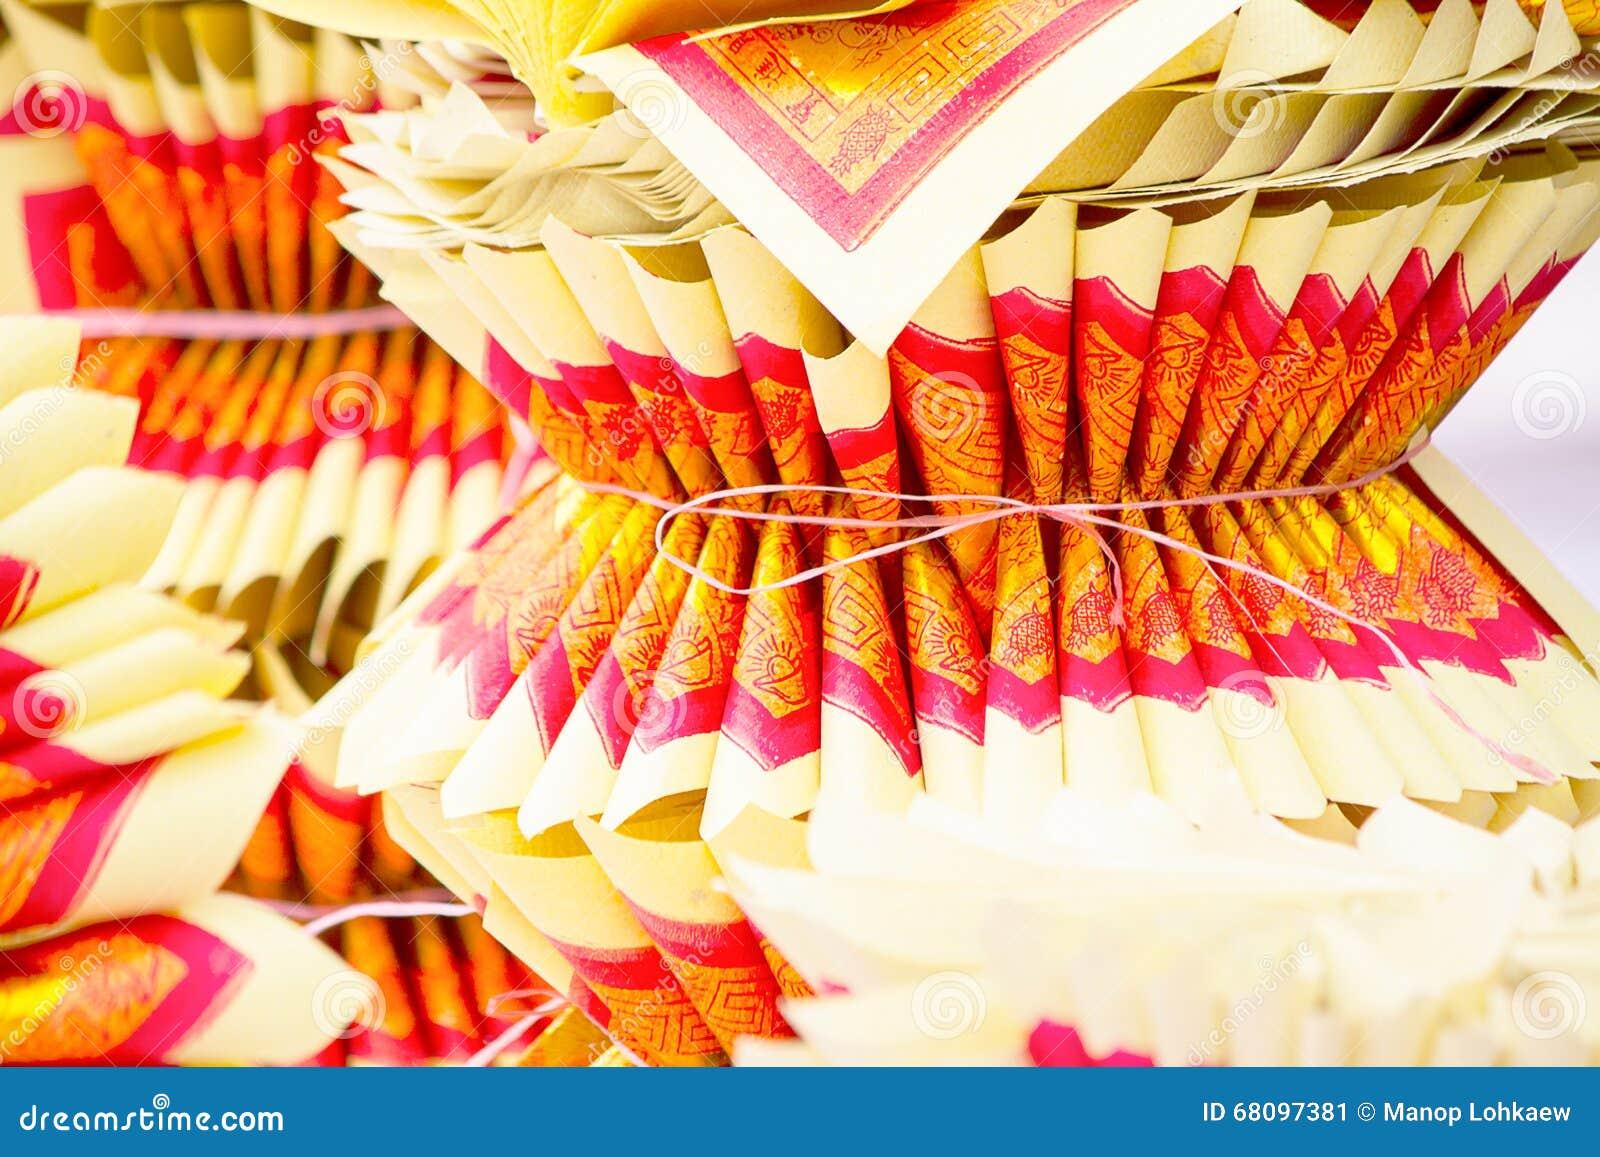 Centre sélectif de Chinois Joss Paper, traditionnel pour disparu les spiritueux de l ancêtre